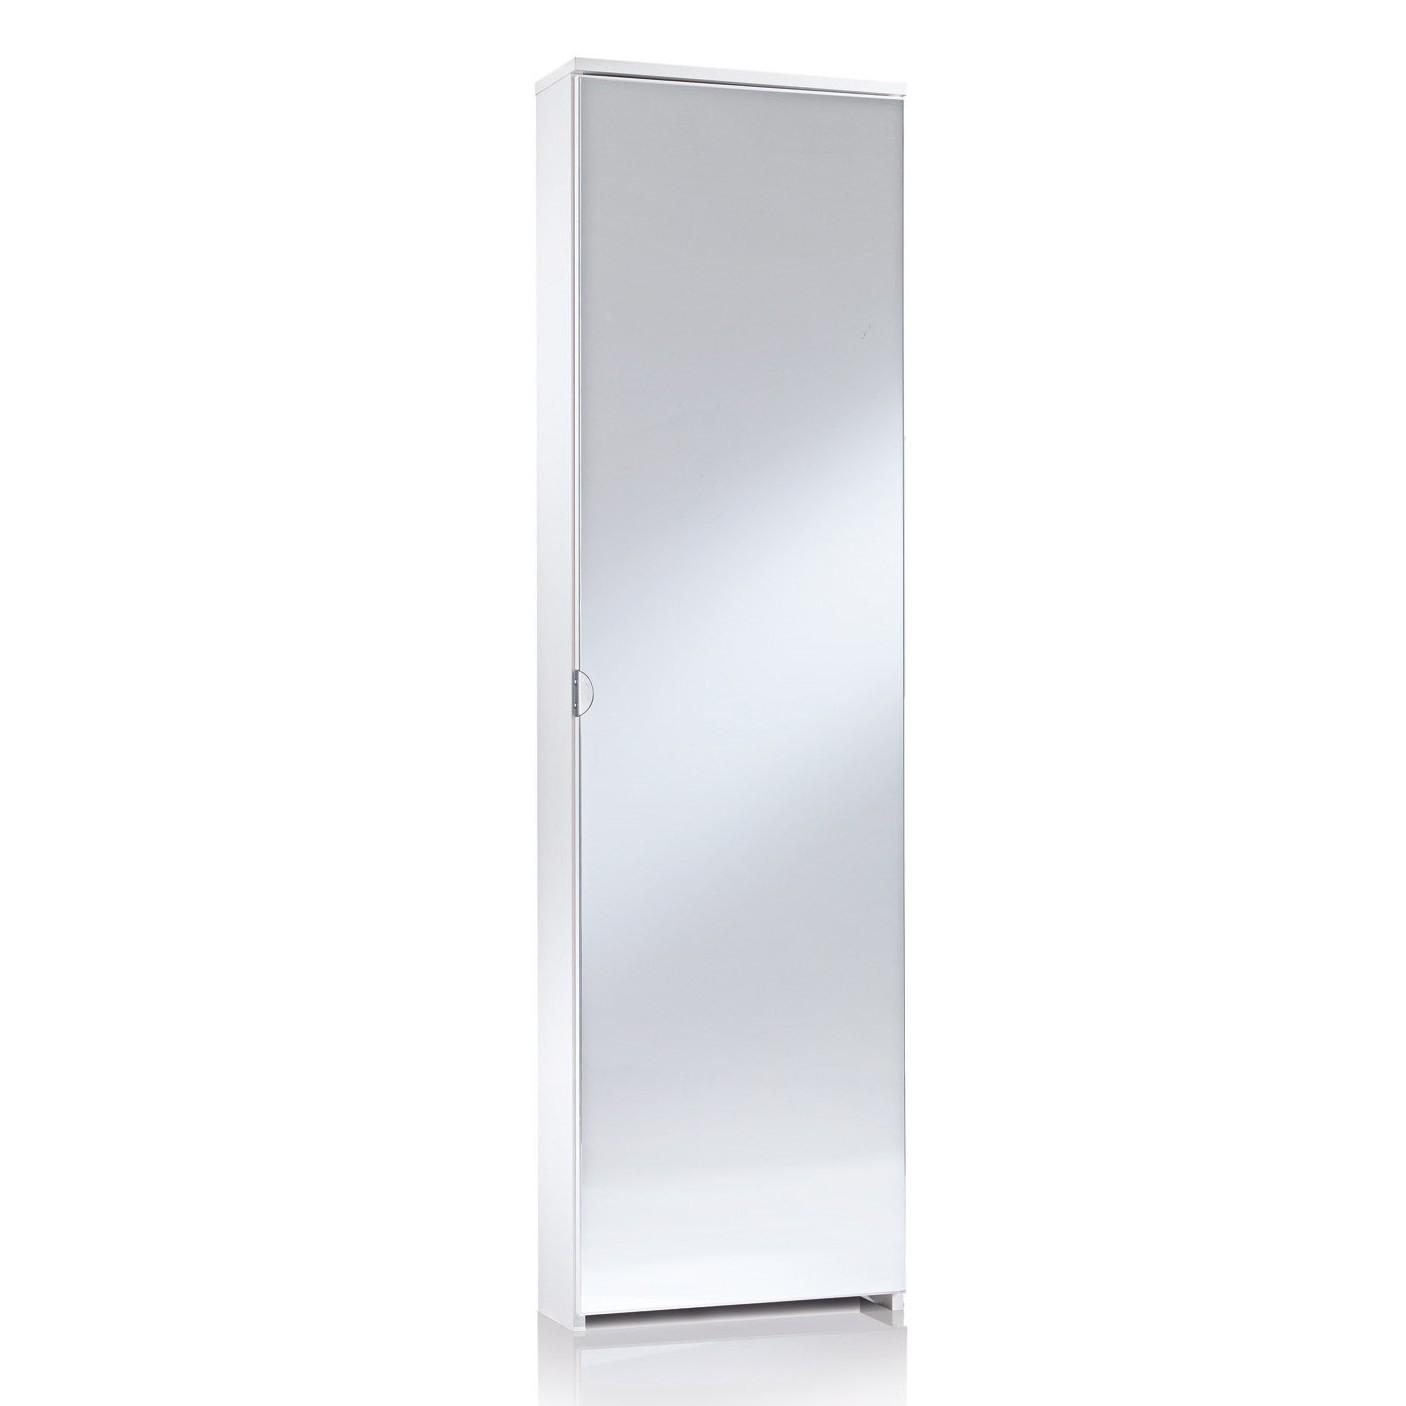 Specchio per anta armadio ikea for Scarpiera con specchio ikea